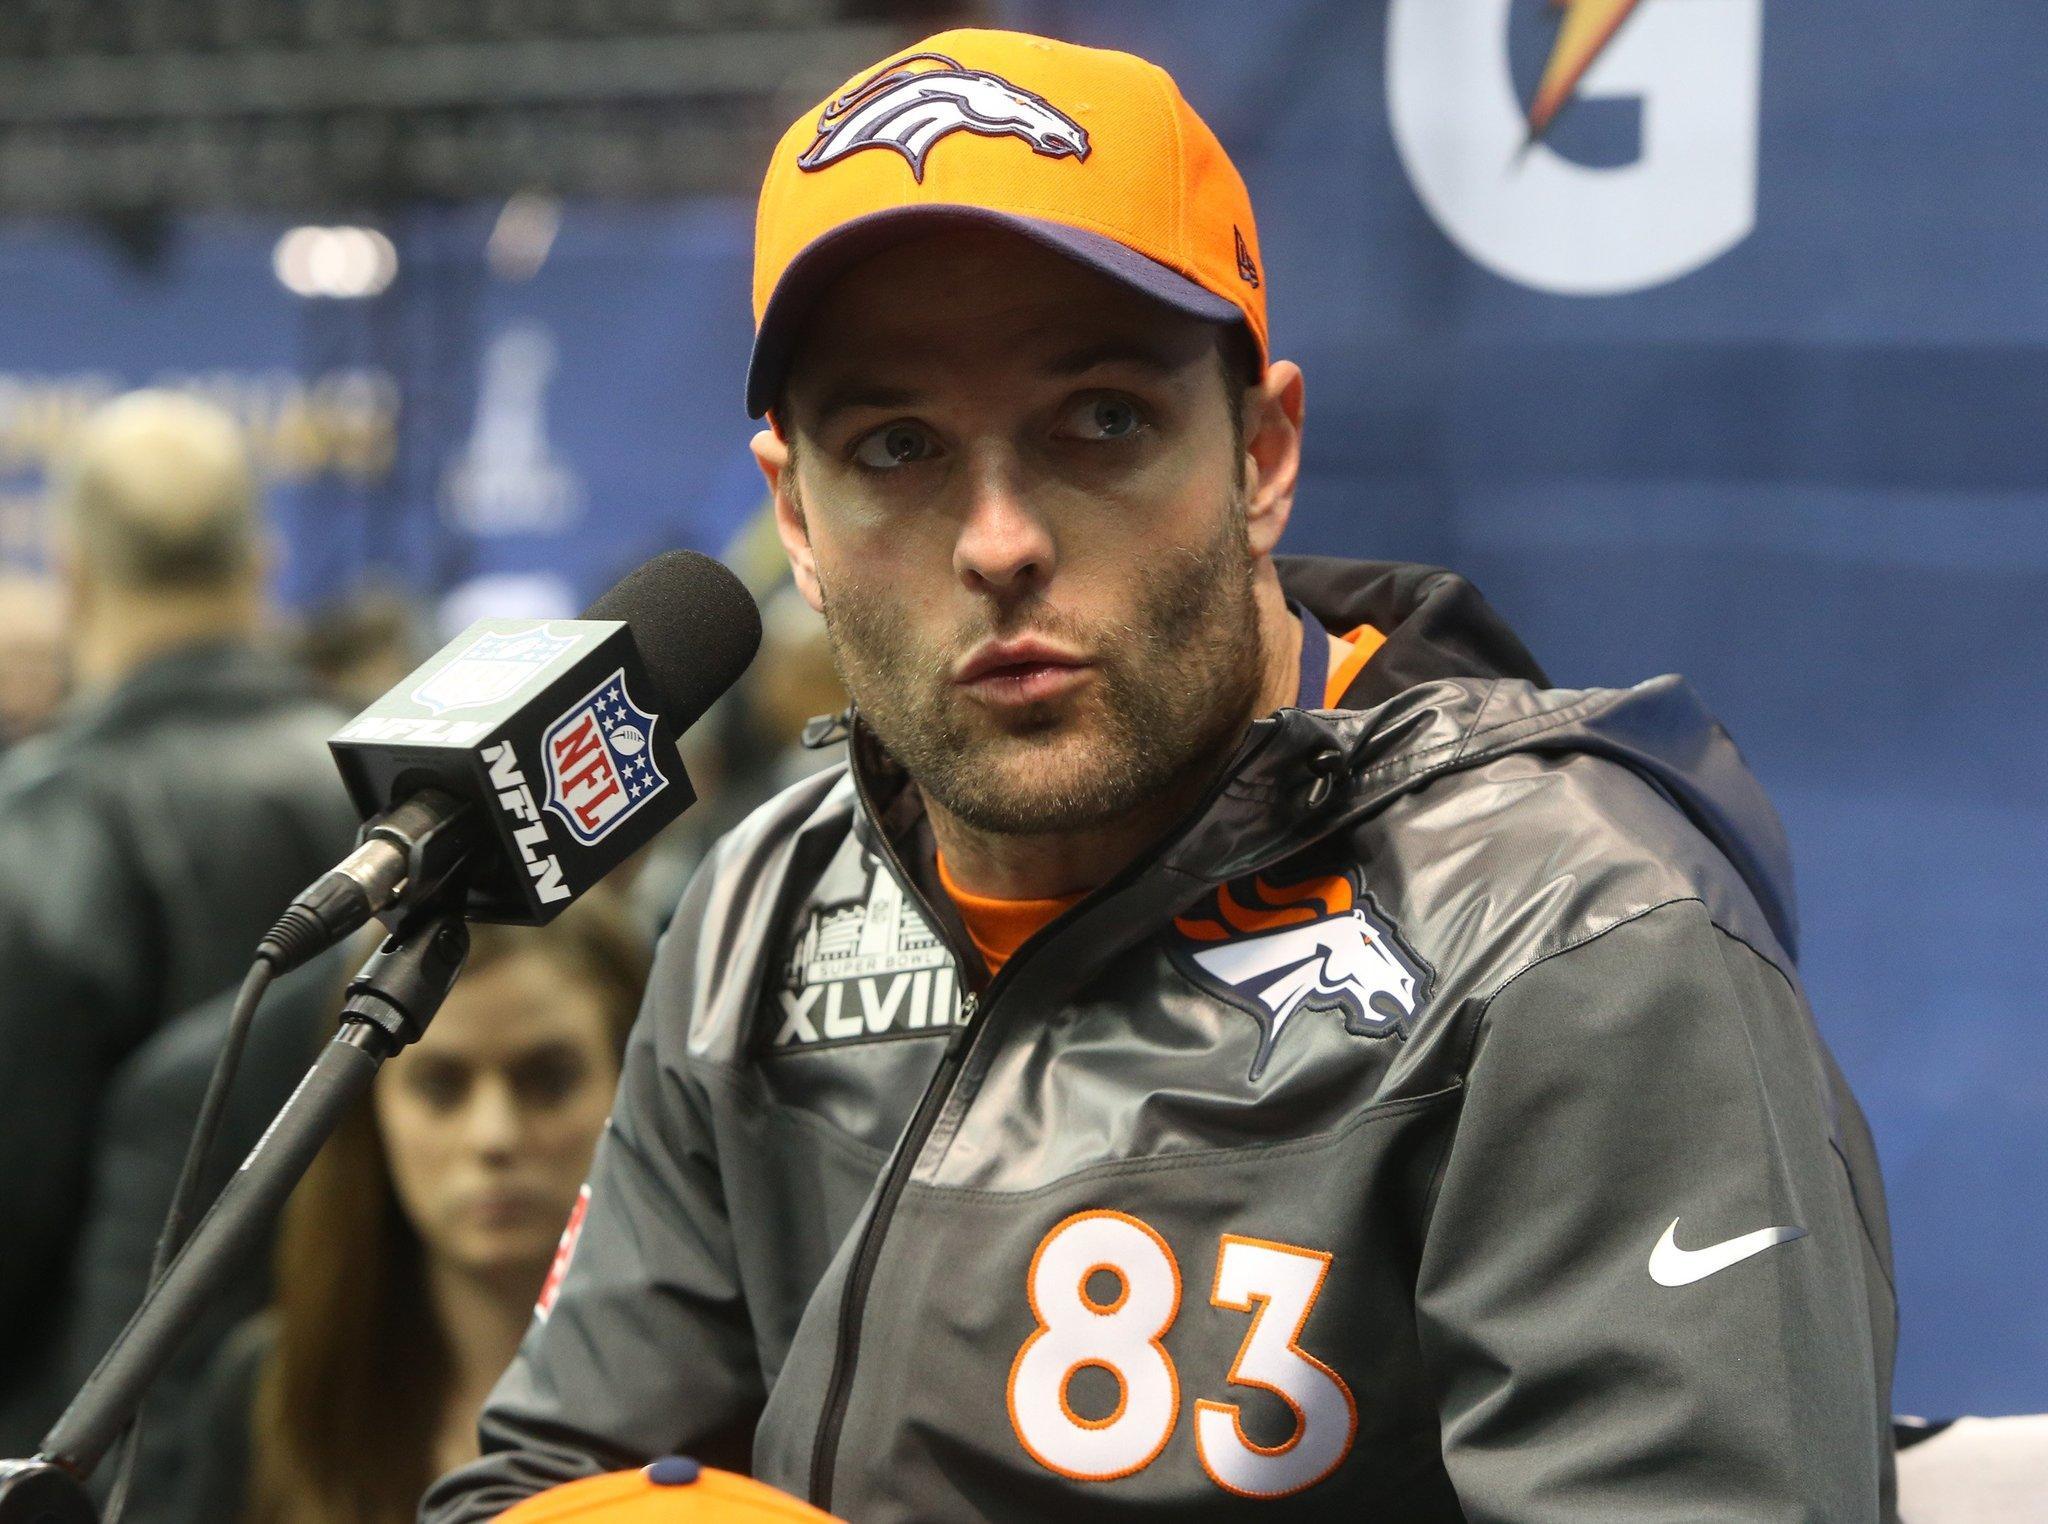 Wes Welker of the Denver Broncos talks during media day for Super Bowl XLVIII.